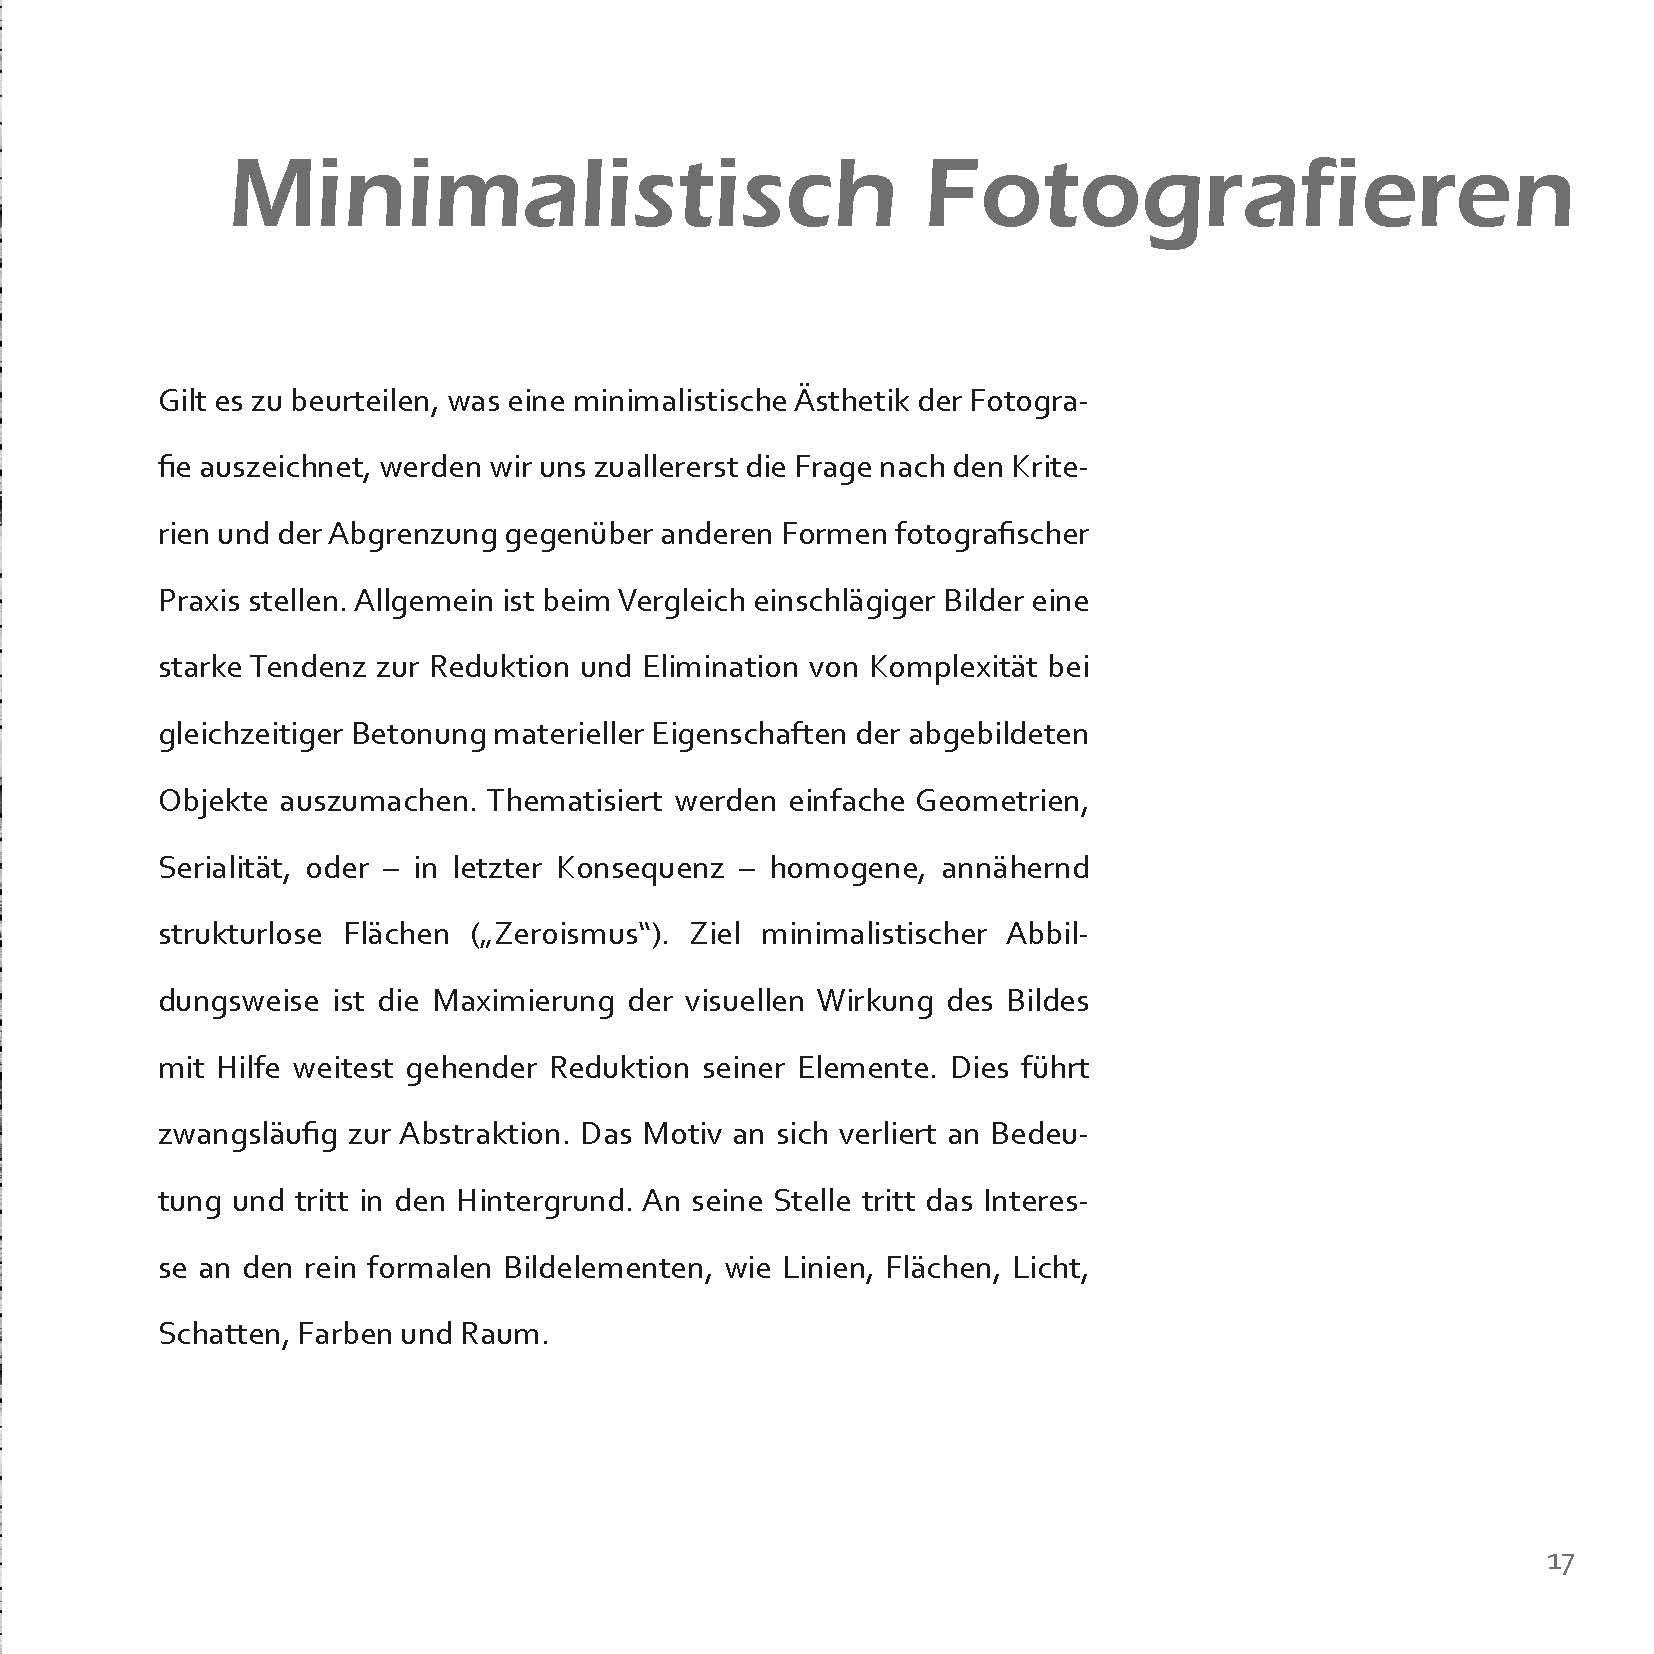 diplomarbeit-rnadrchal_Seite_017.jpg